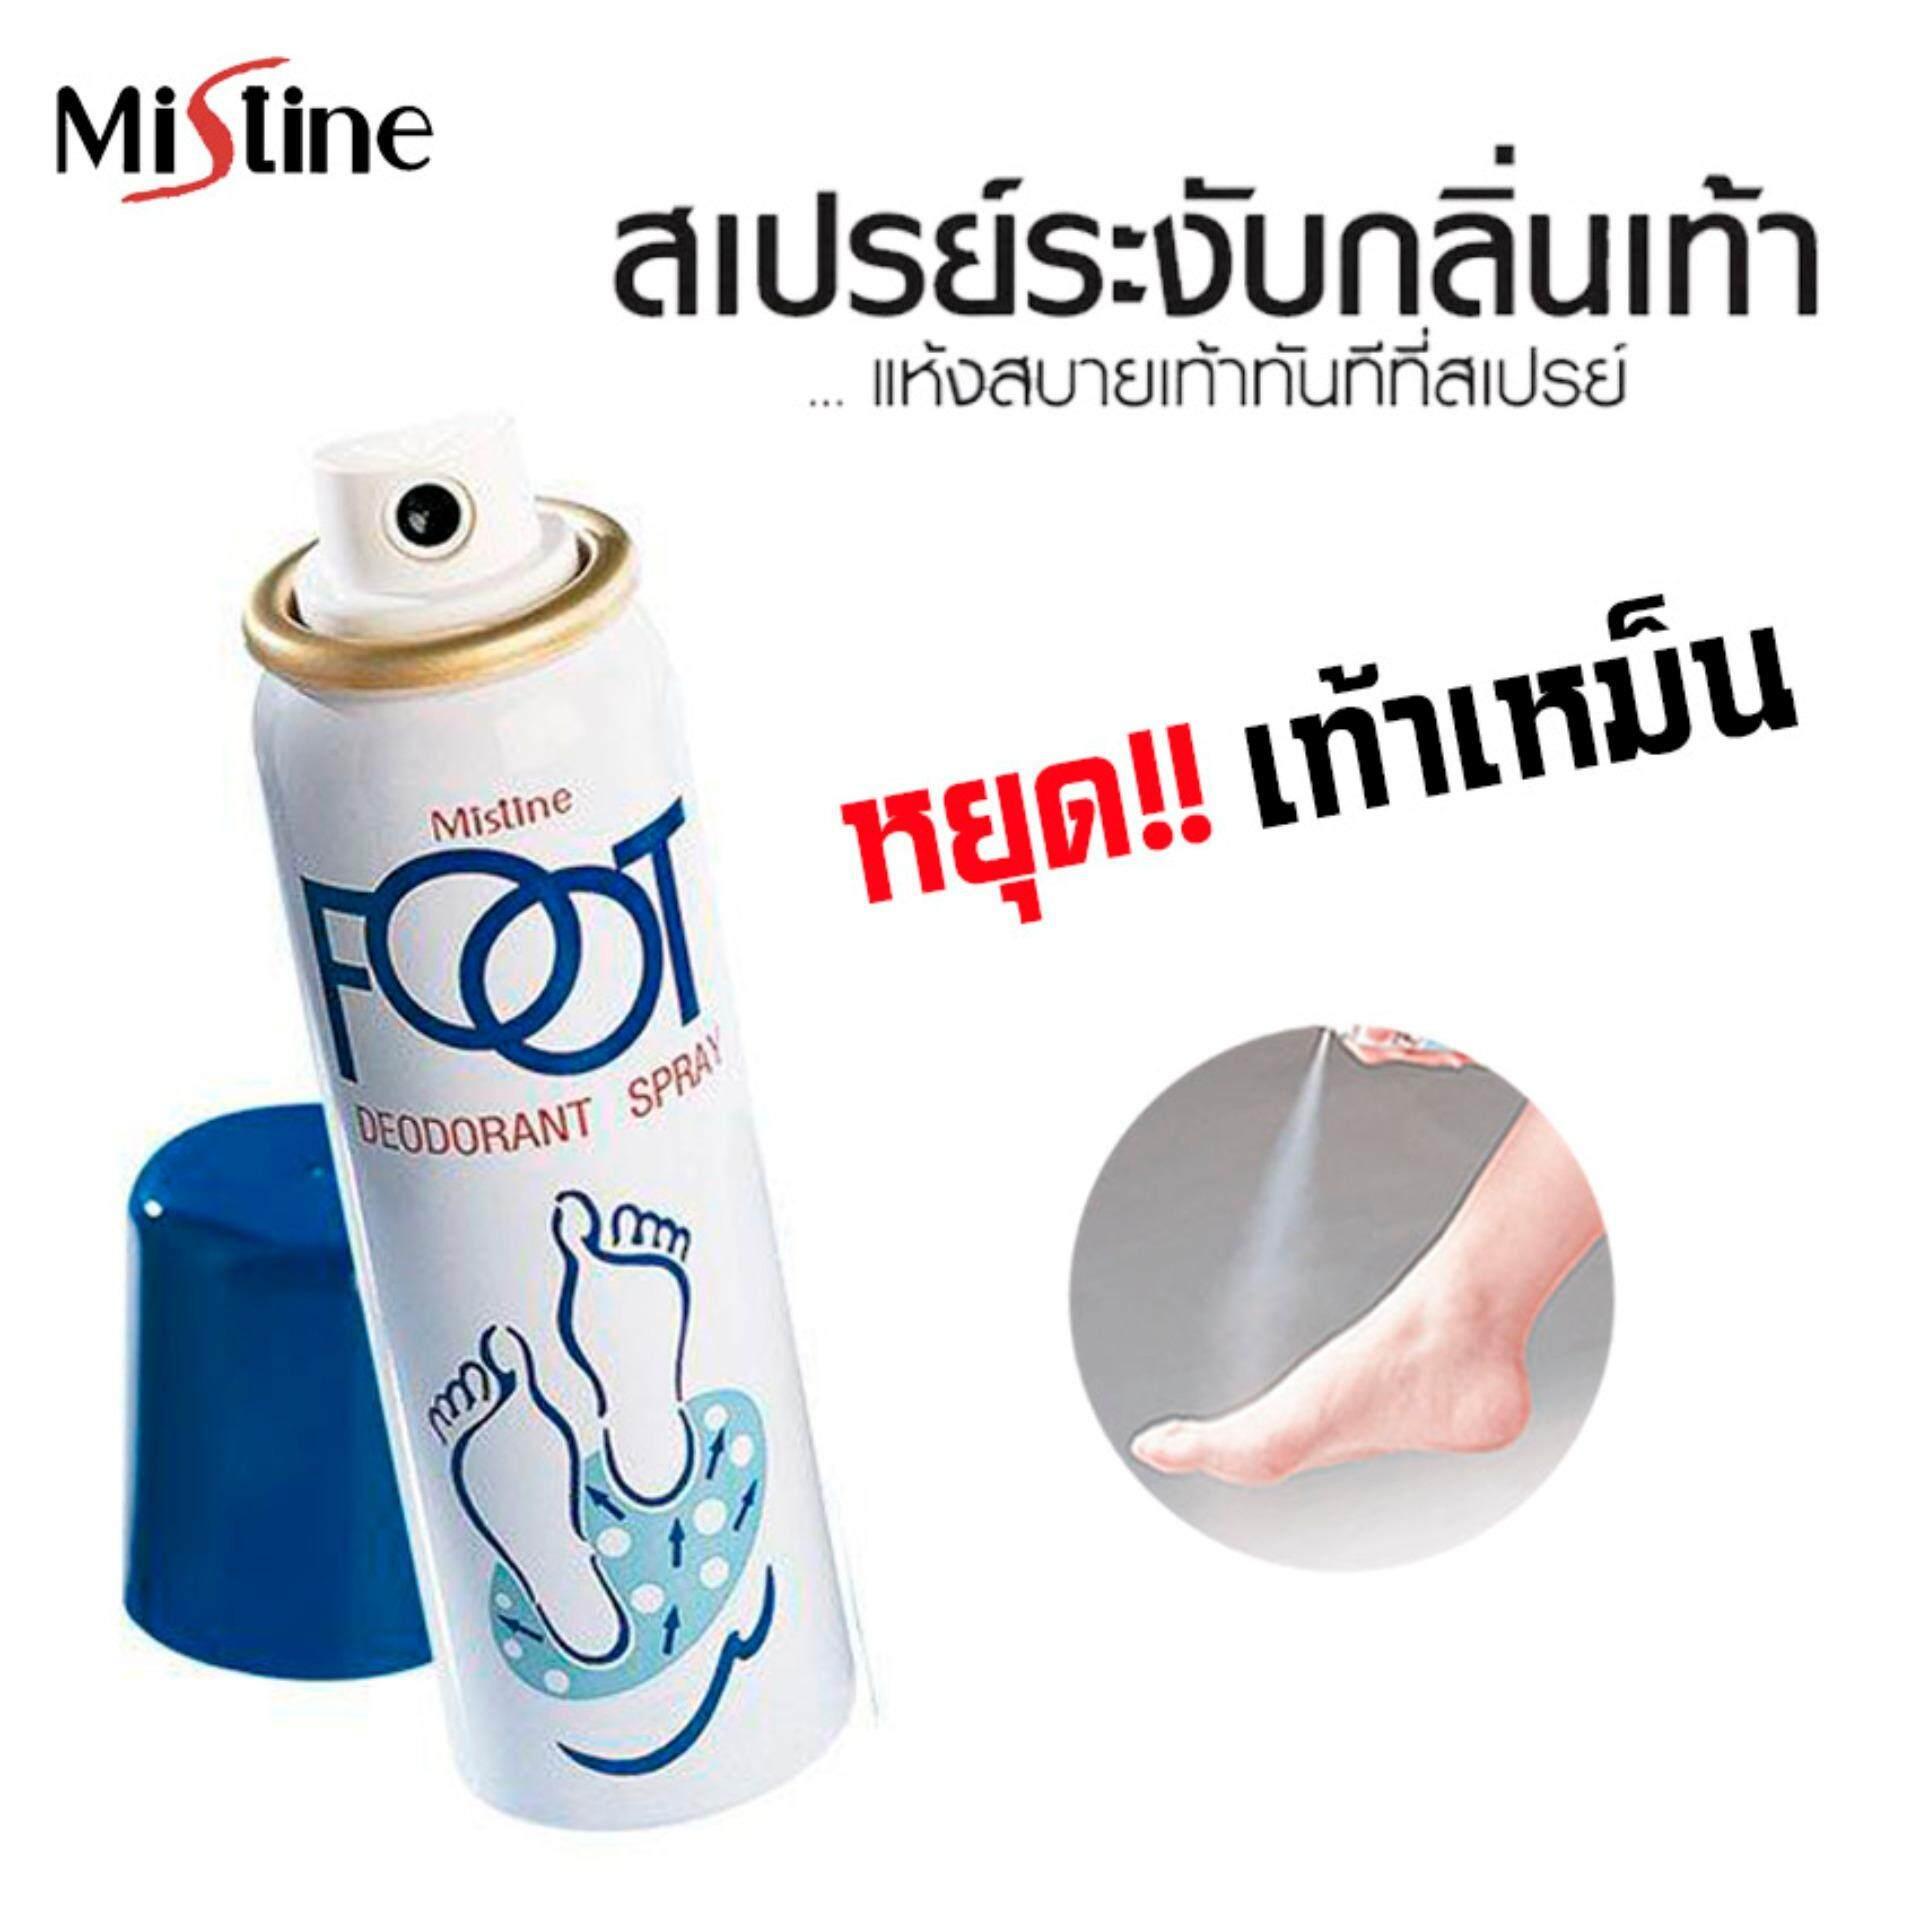 Mistine Foot Deodorant Spray 65ml. มิสทิน สเปรย์ระงับกลิ่นเท้า สเปรย์แห้งระงับกลิ่นเท้า ทำให้เท้าแห้งสบาย หอมสดชื่น ไม่เหม็นอับ 168 Thai Shop By 168 Thai Shop.